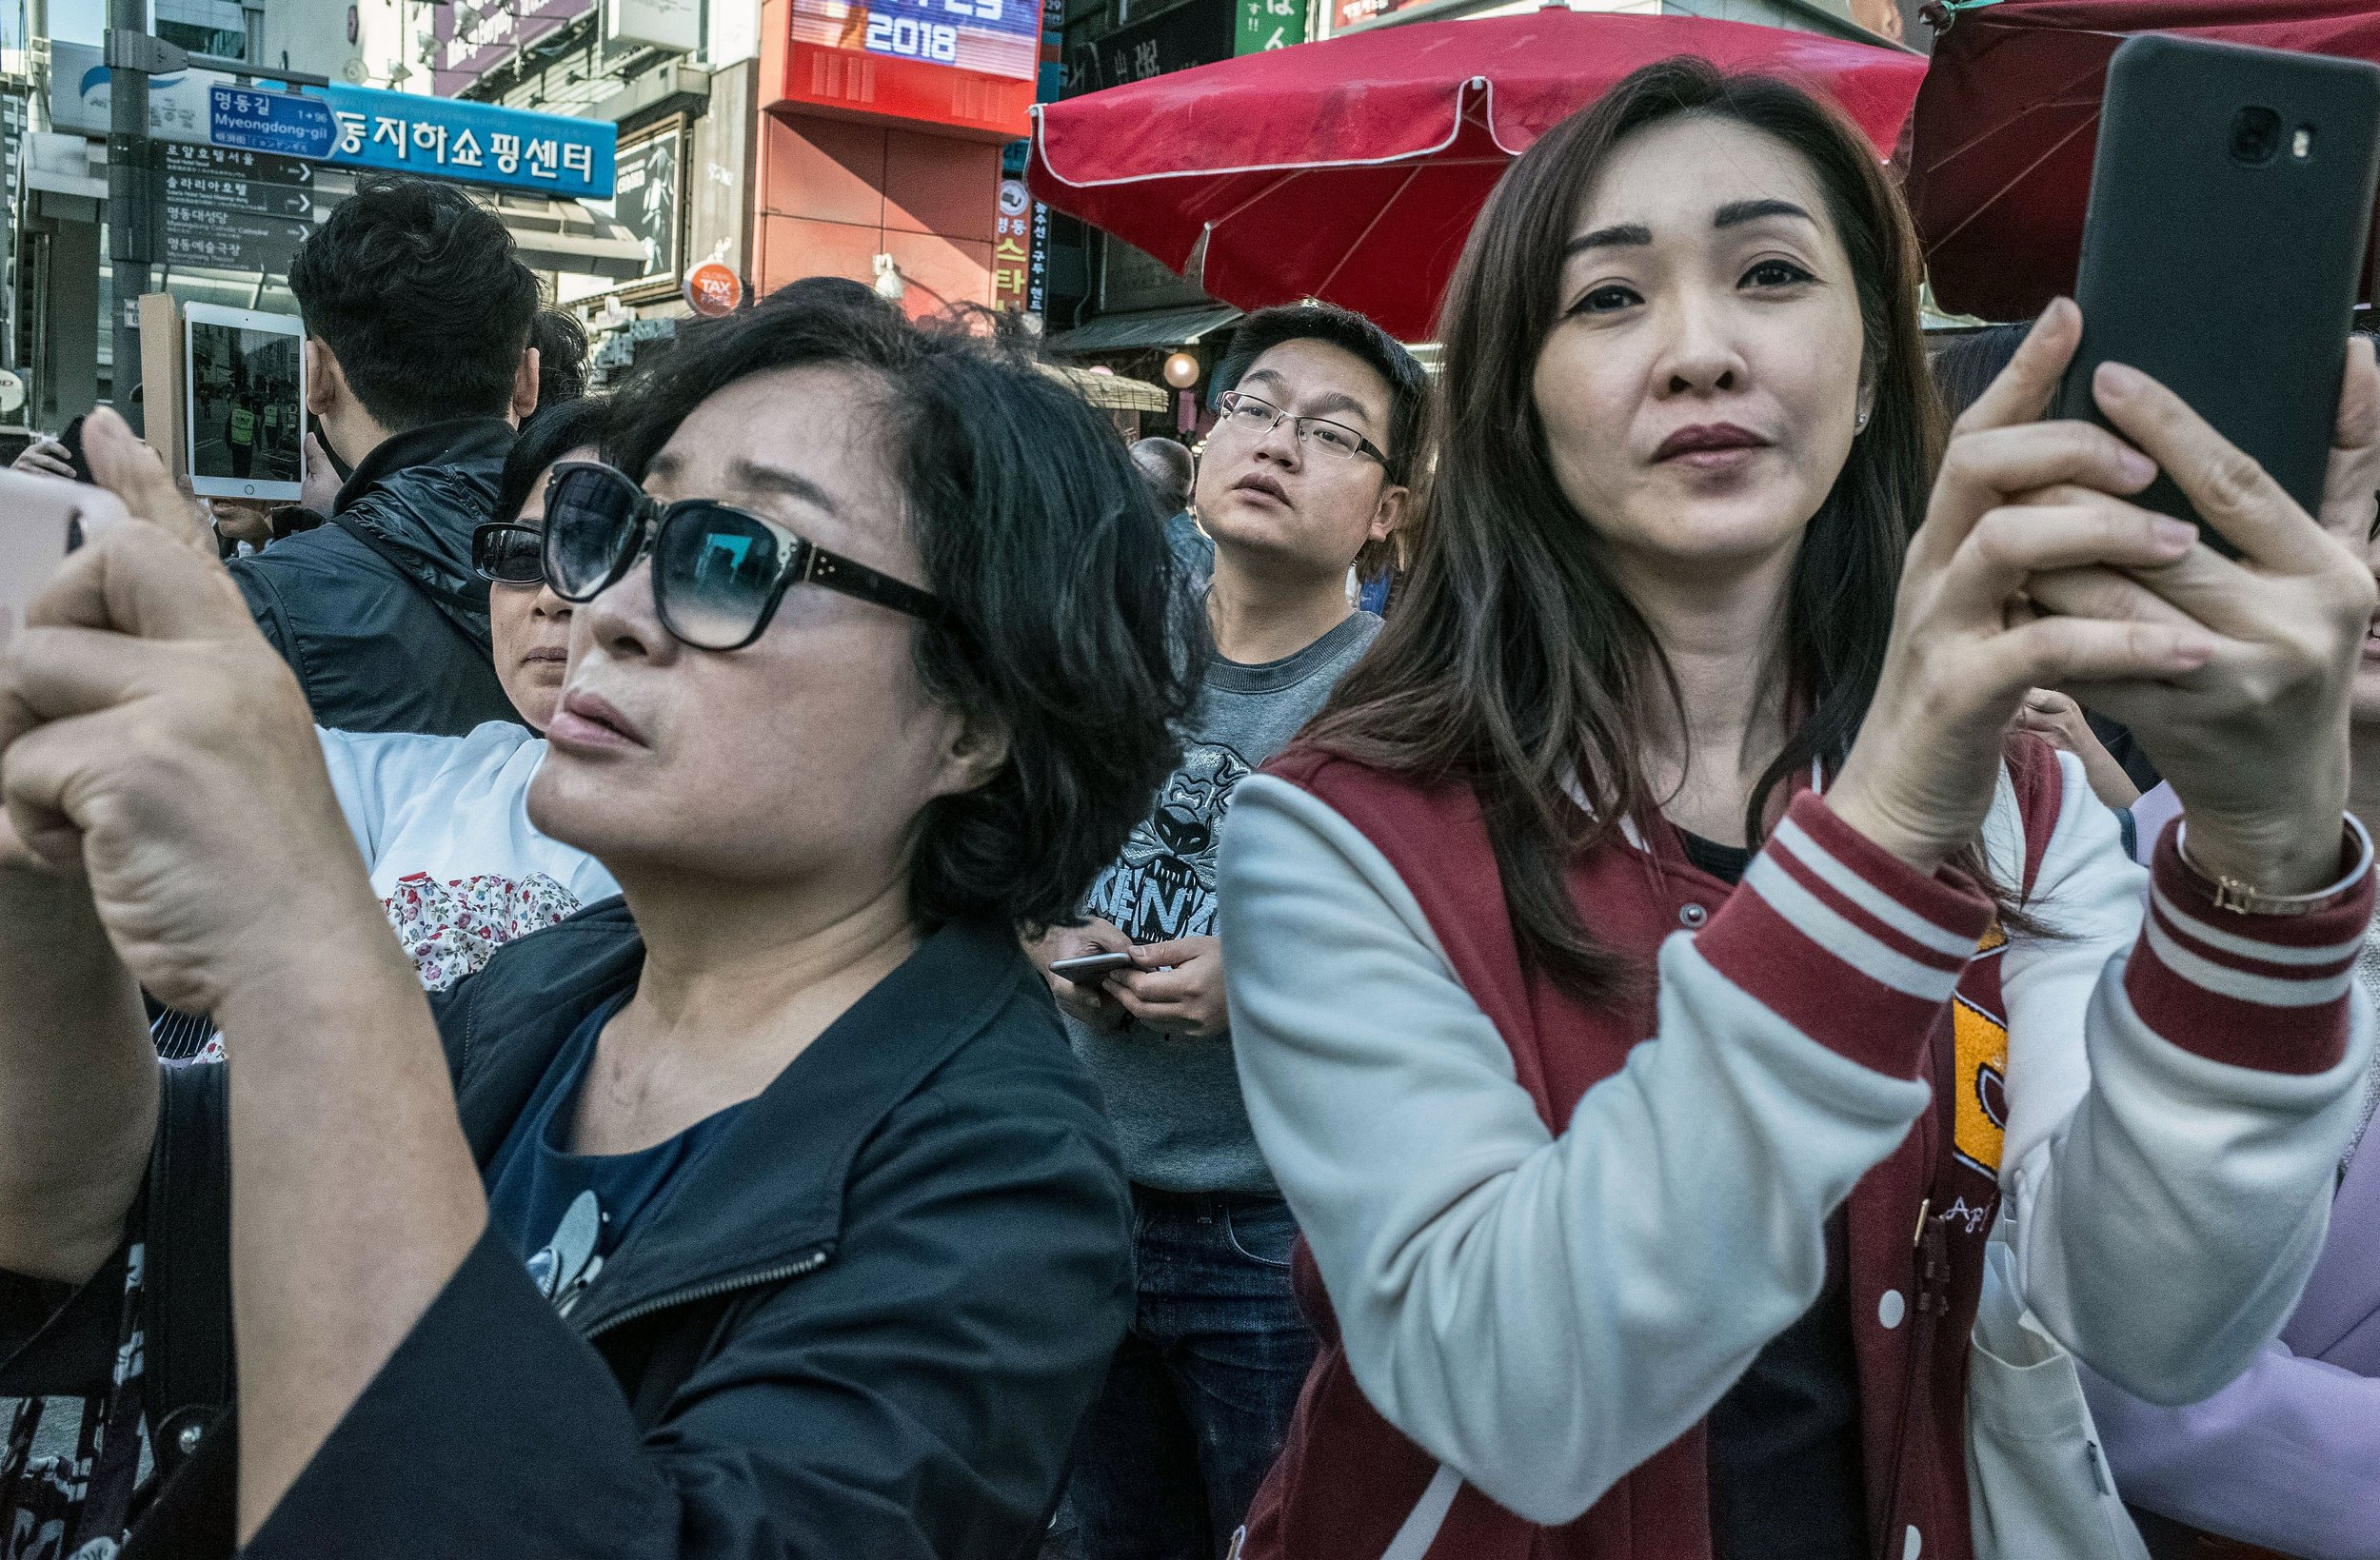 Chinese spectators #3.JPG